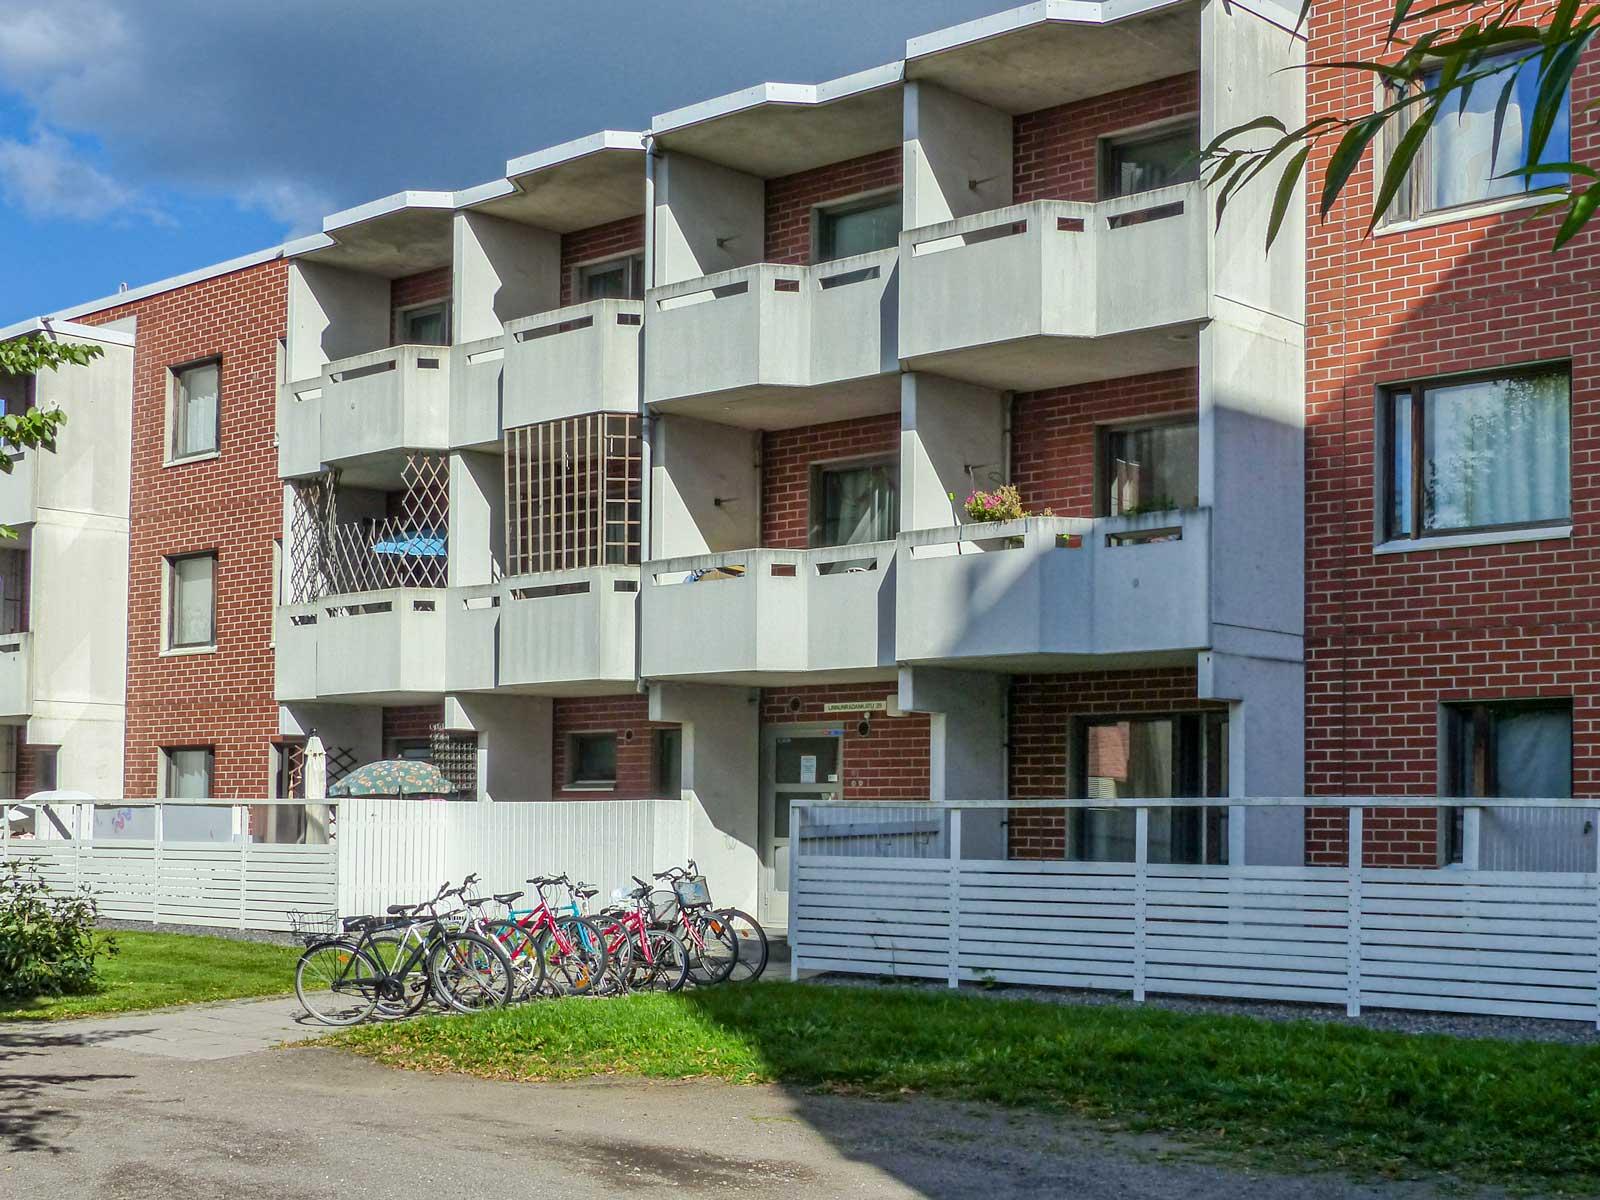 Linnunradankatu 25, Riihimäki